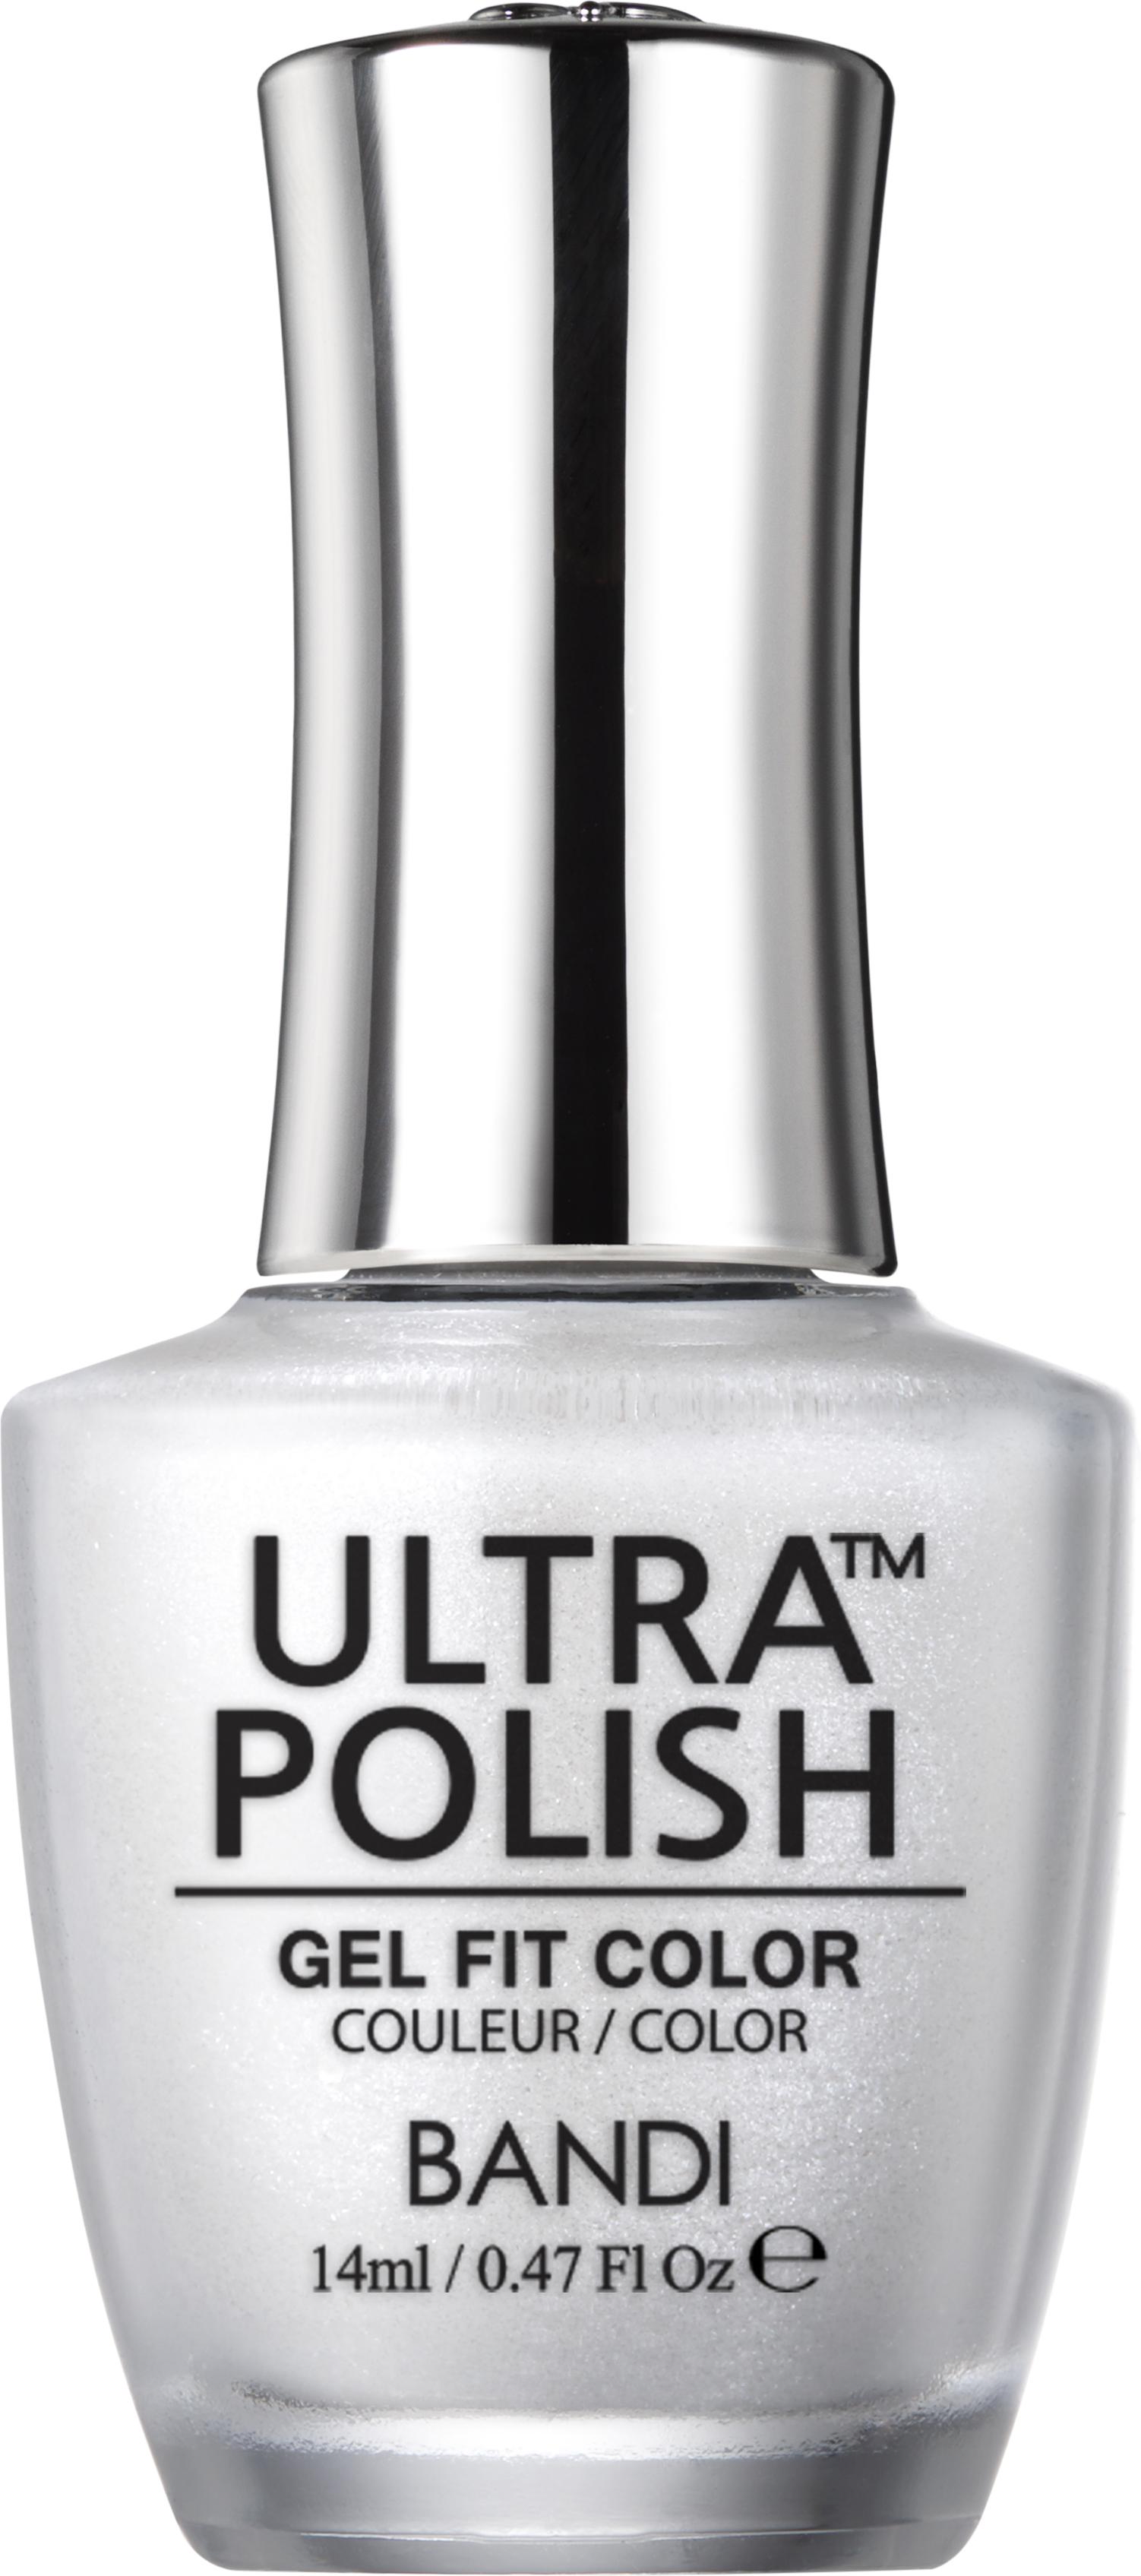 Купить BANDI UP802 ультра-покрытие долговременное цветное для ногтей / ULTRA POLISH GEL FIT COLOR 14 мл